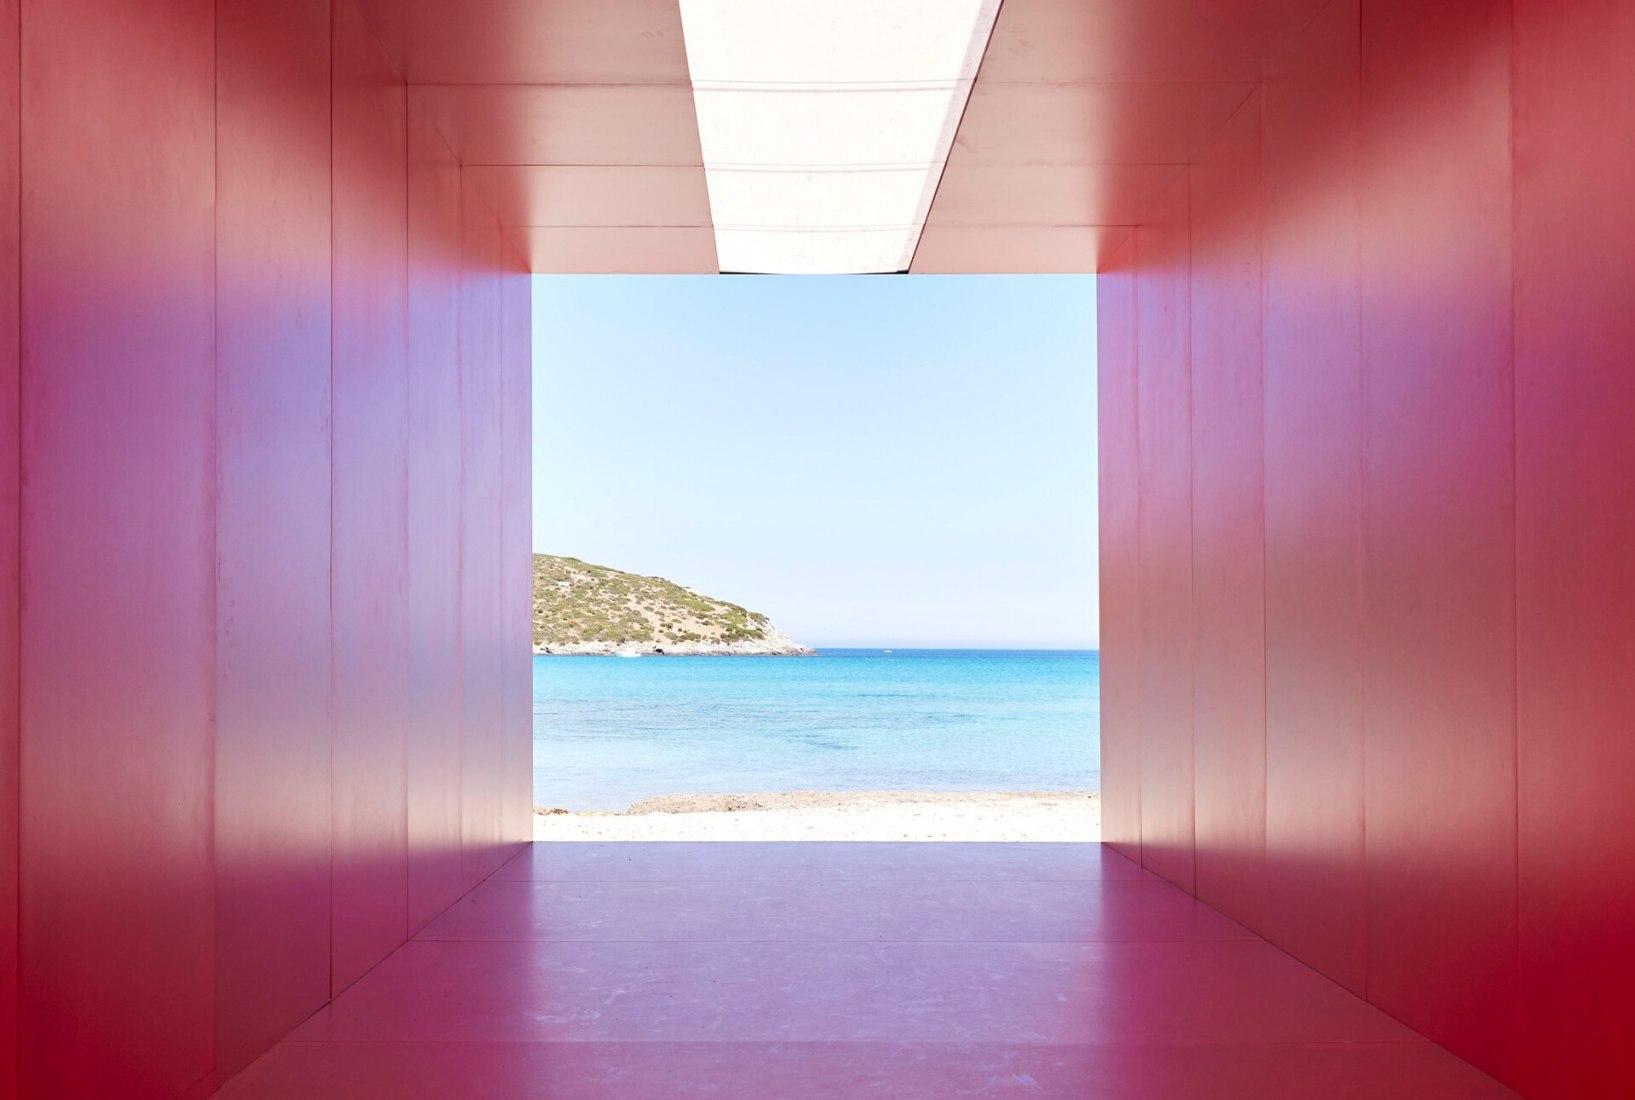 Pasarela de moda masculina Prada 2022 por Rem Koolhaas + AMO. Fotografía por Agostino Osio